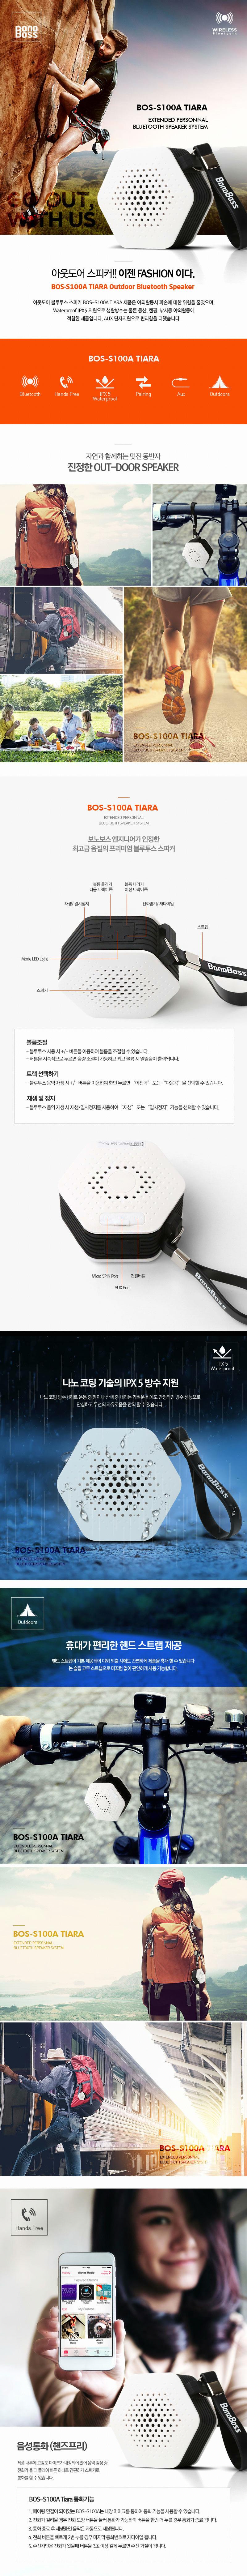 BOS-S100A1.jpg